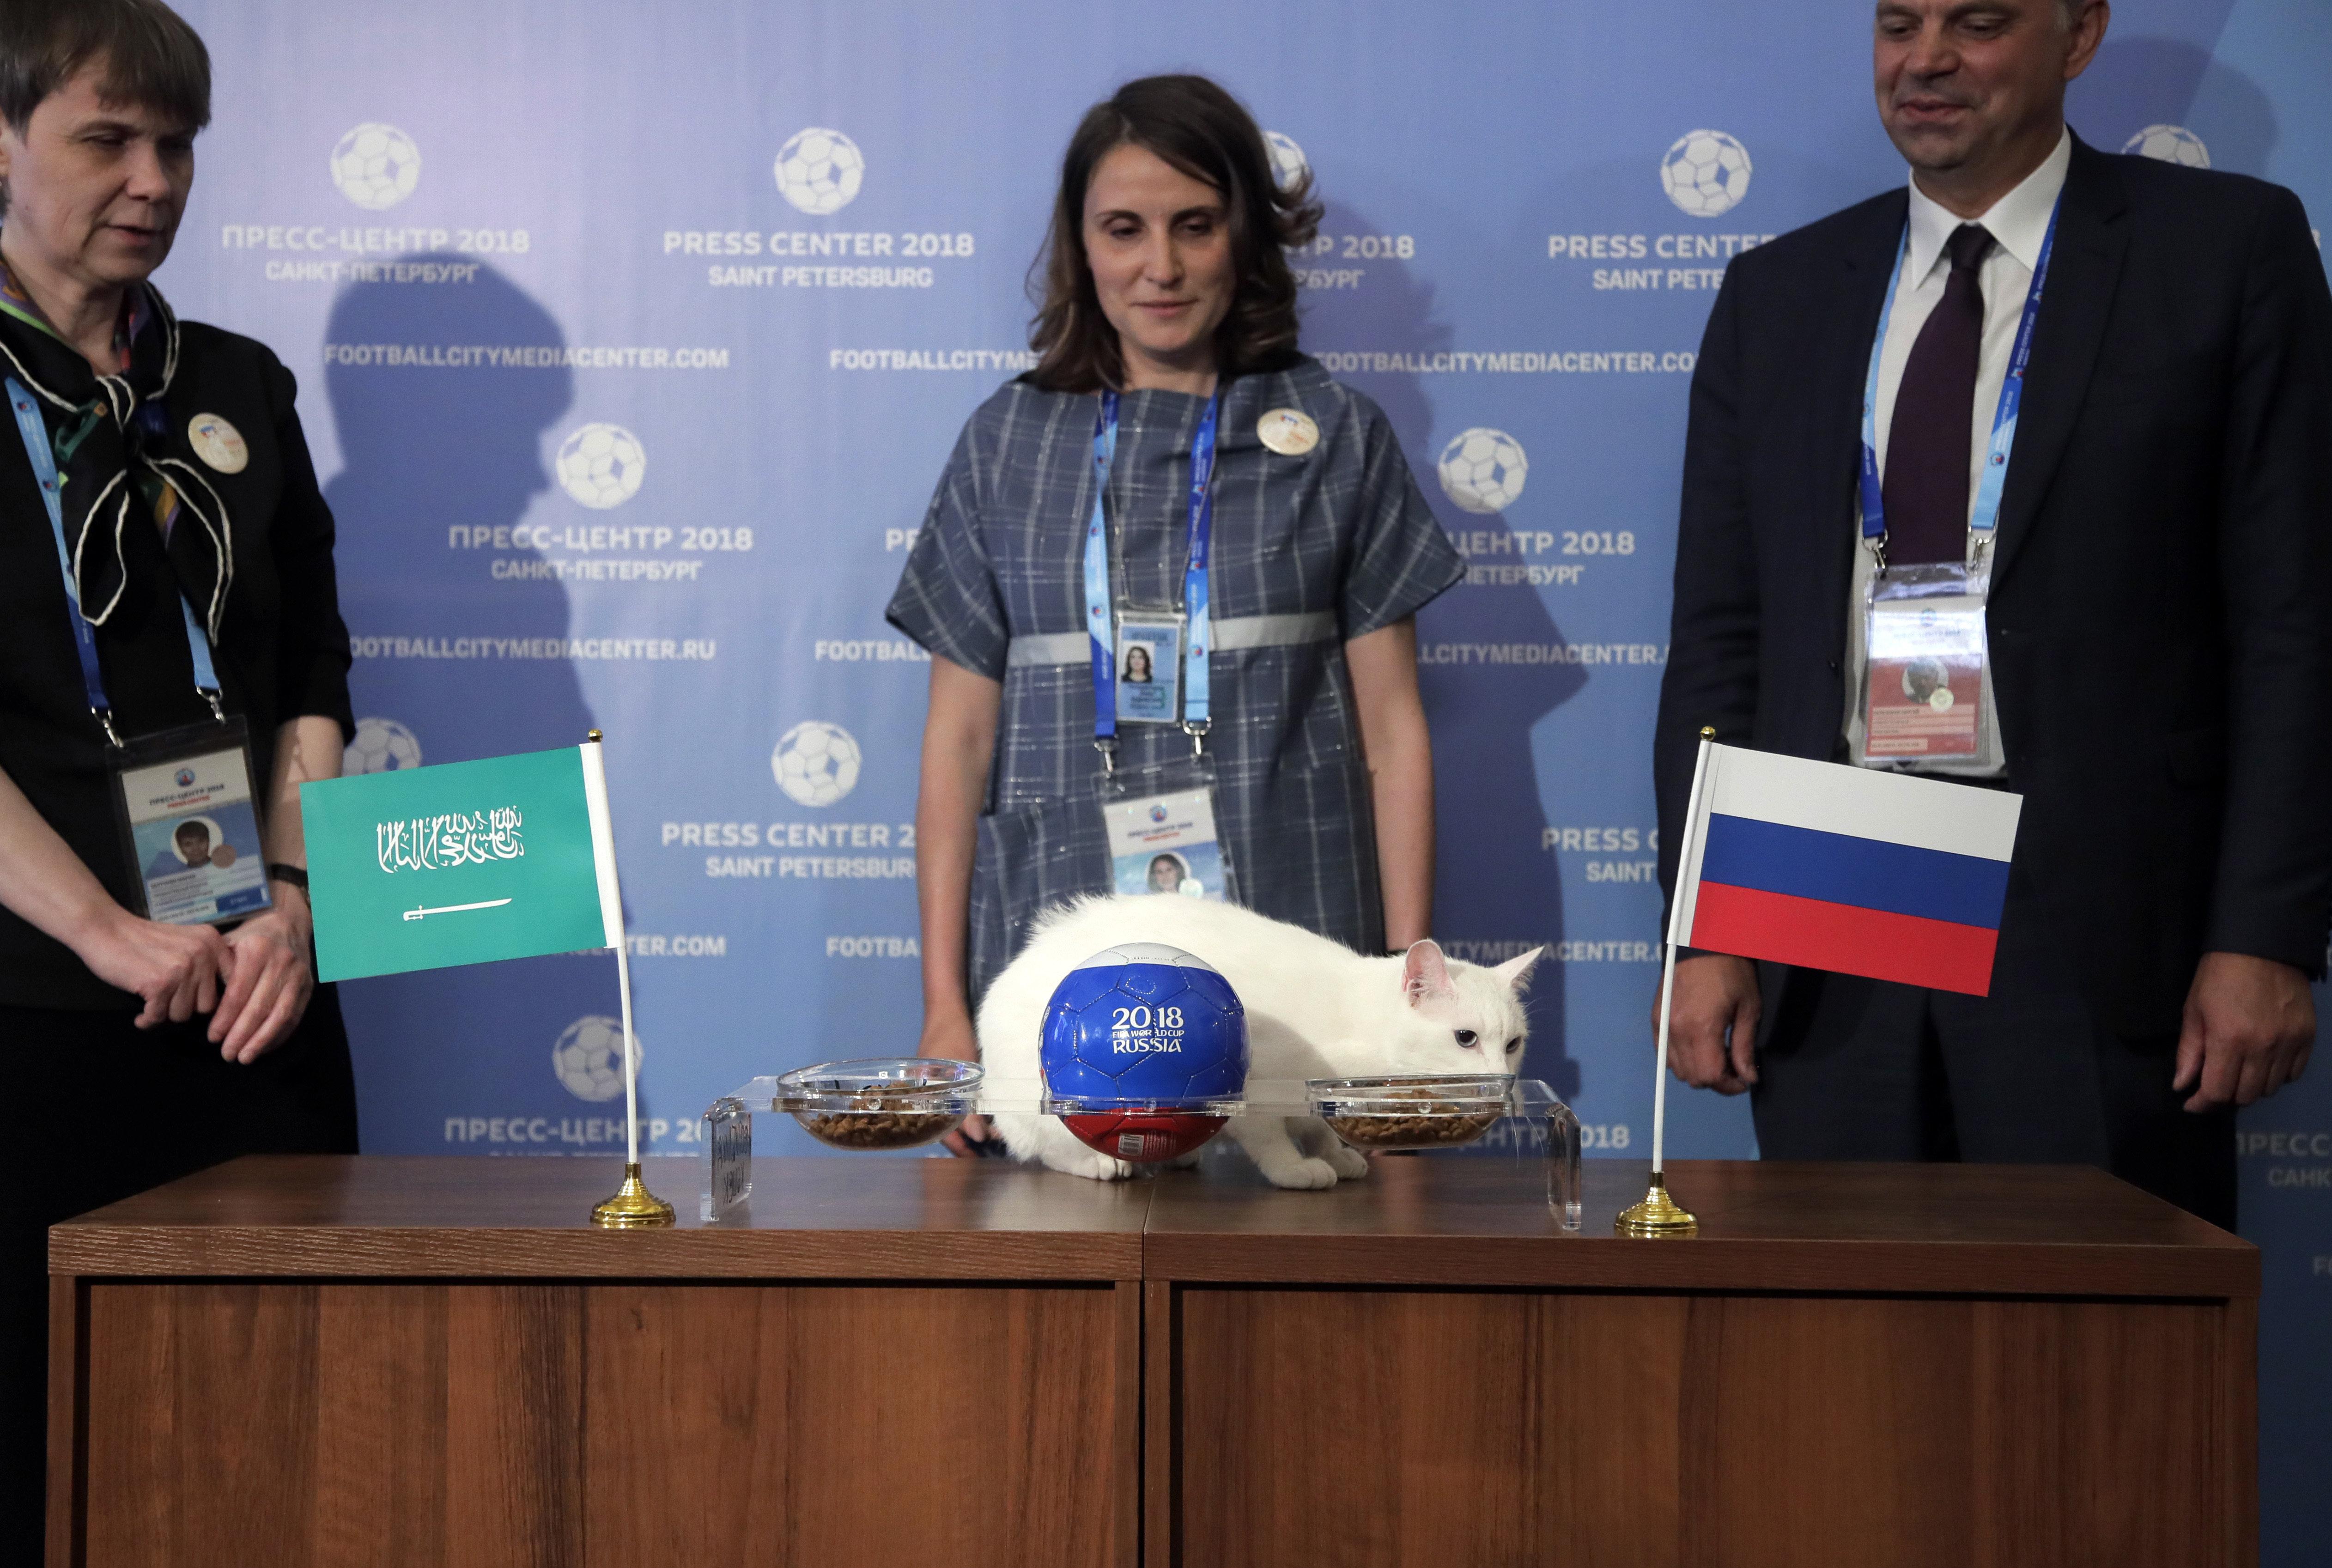 Gato Aquiles, o 'animal vidente' da Copa do Mundo, prevê a a vitória da Rússia na estreia do torneio. O evento para sua previsão foi realizado na cidade de São Petersburgo.